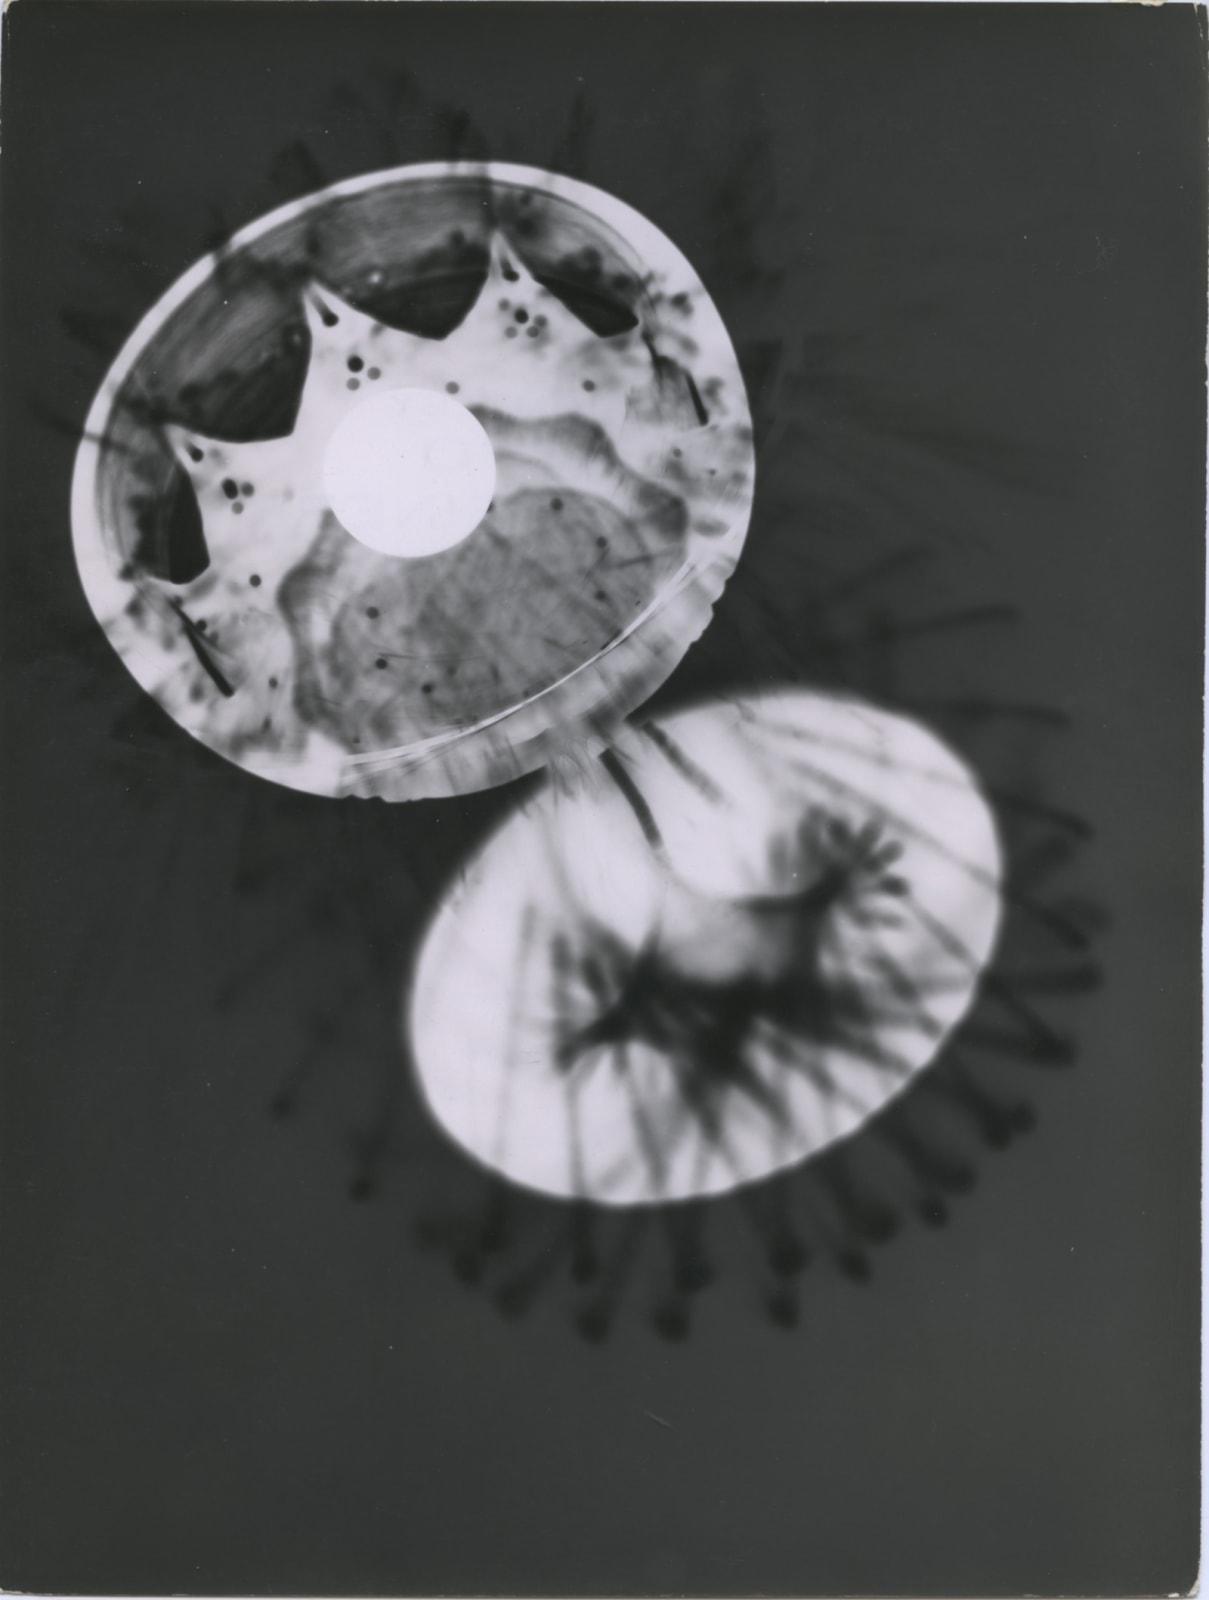 André Steiner, Étude expérimentale, c. 1935